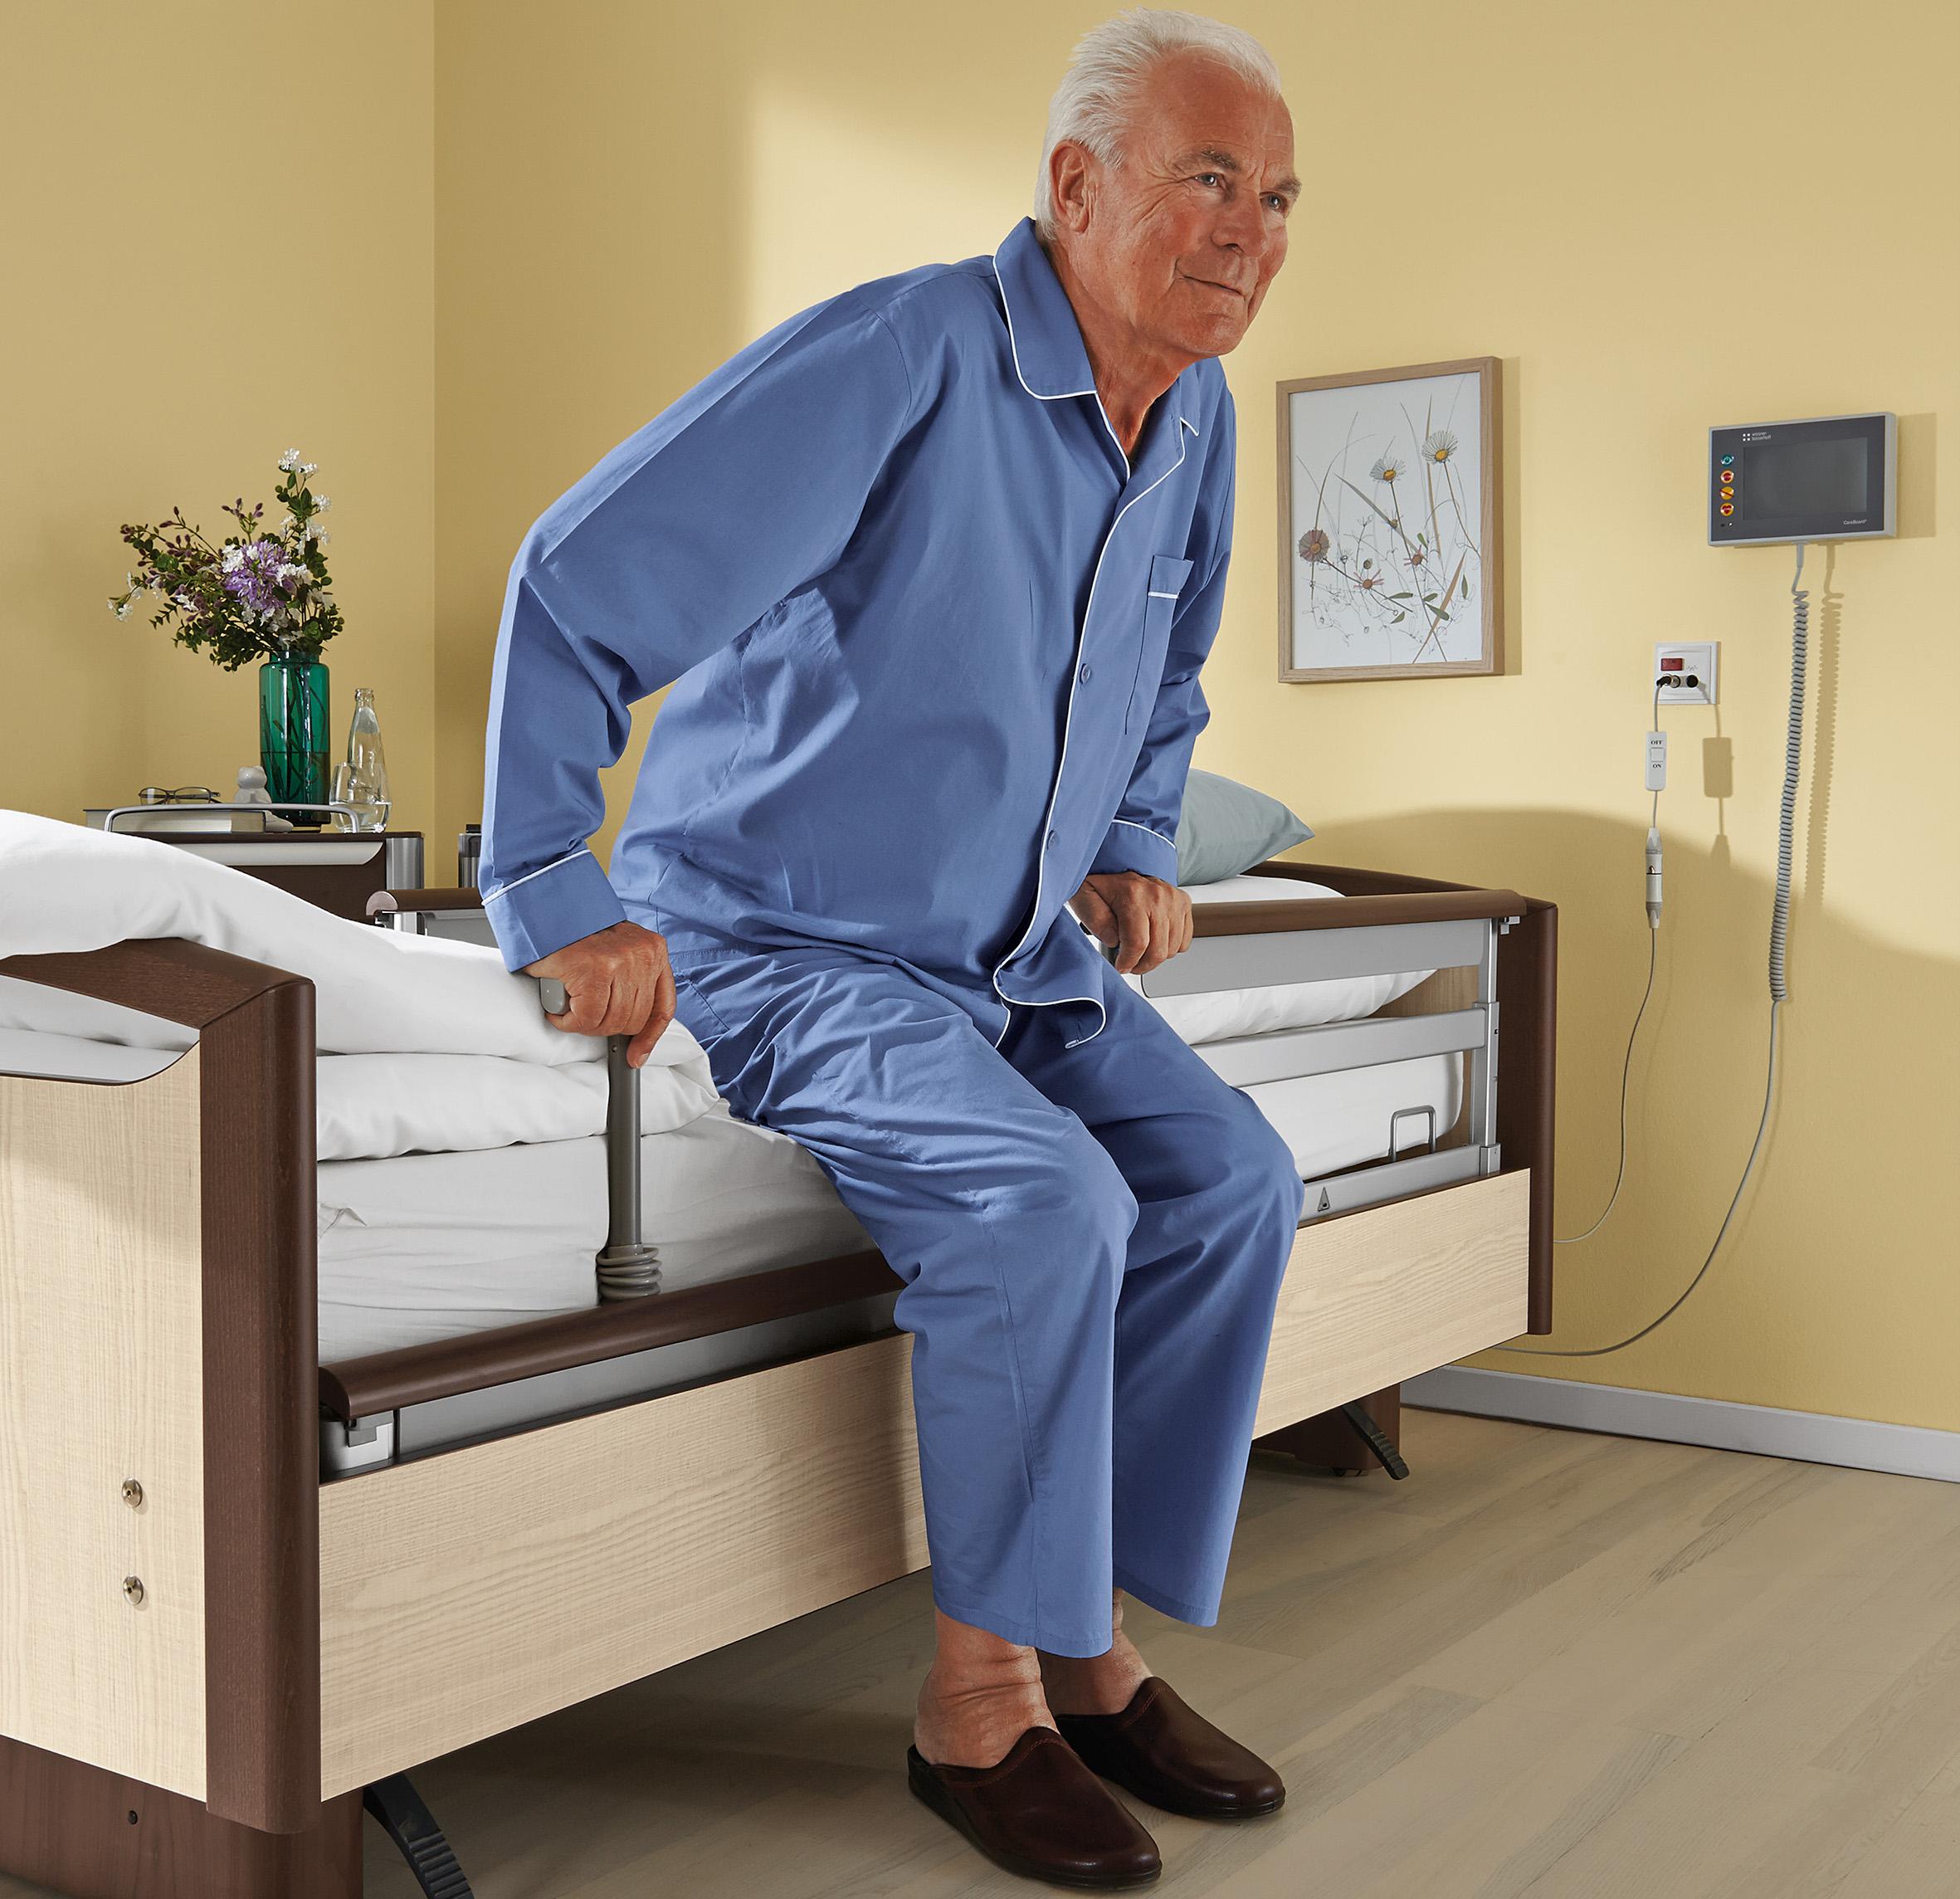 Die sichere Mobilisation zählt mit Sicherheit zu den größten Herausforderungen in der Pflege